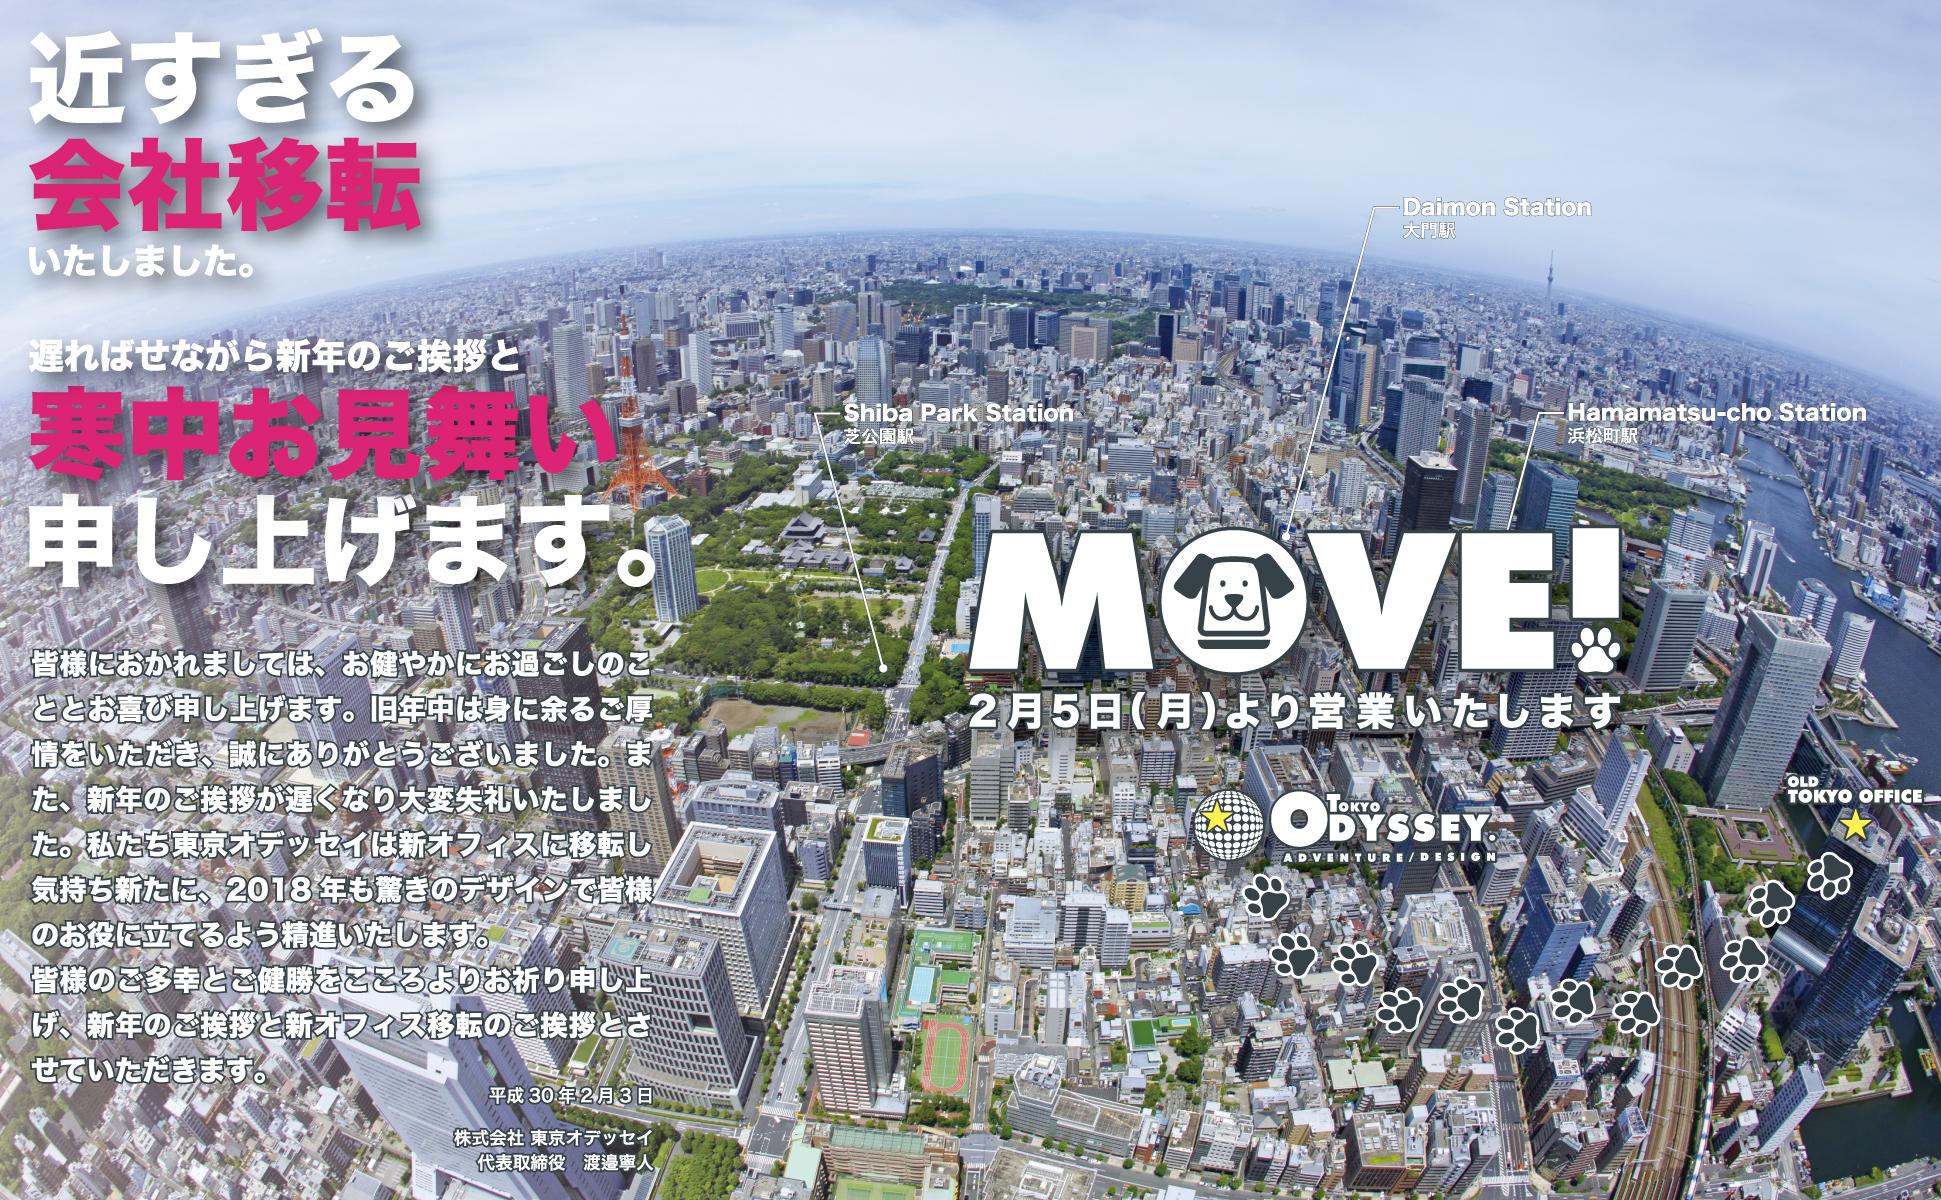 近すぎる会社移転!!東京オフィス移転いたしました。